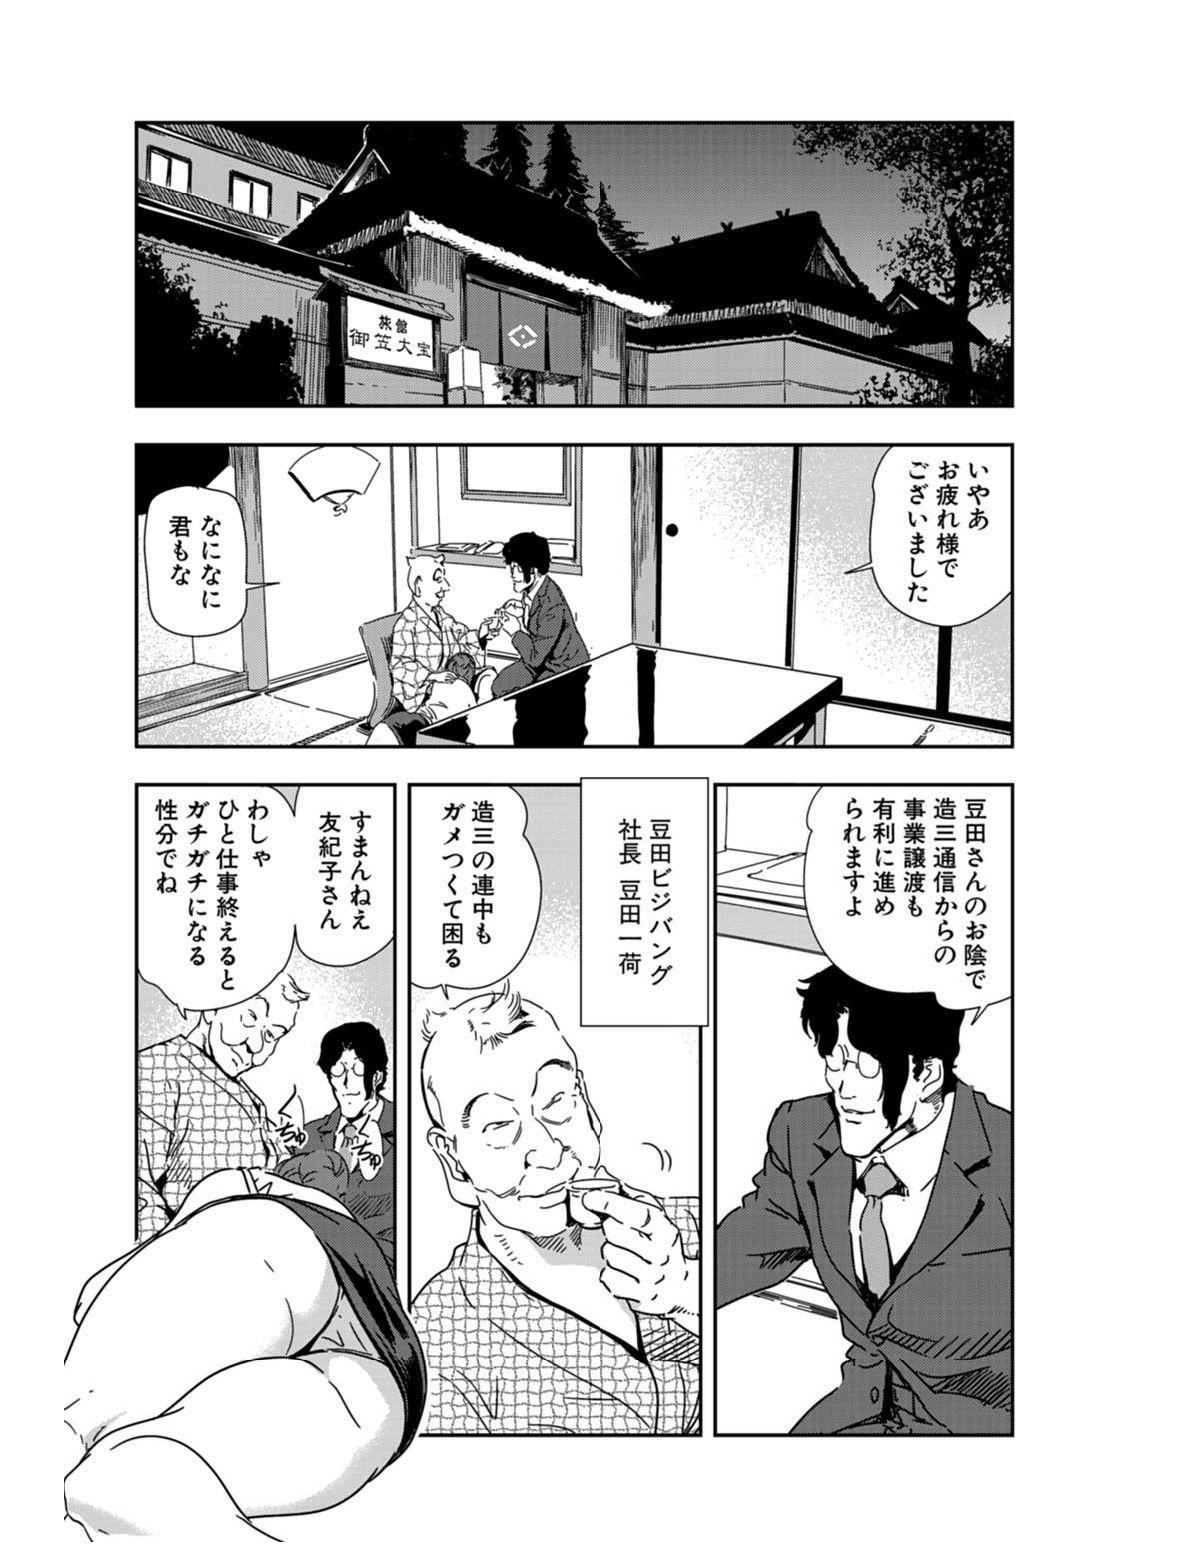 Nikuhisyo Yukiko 21 103